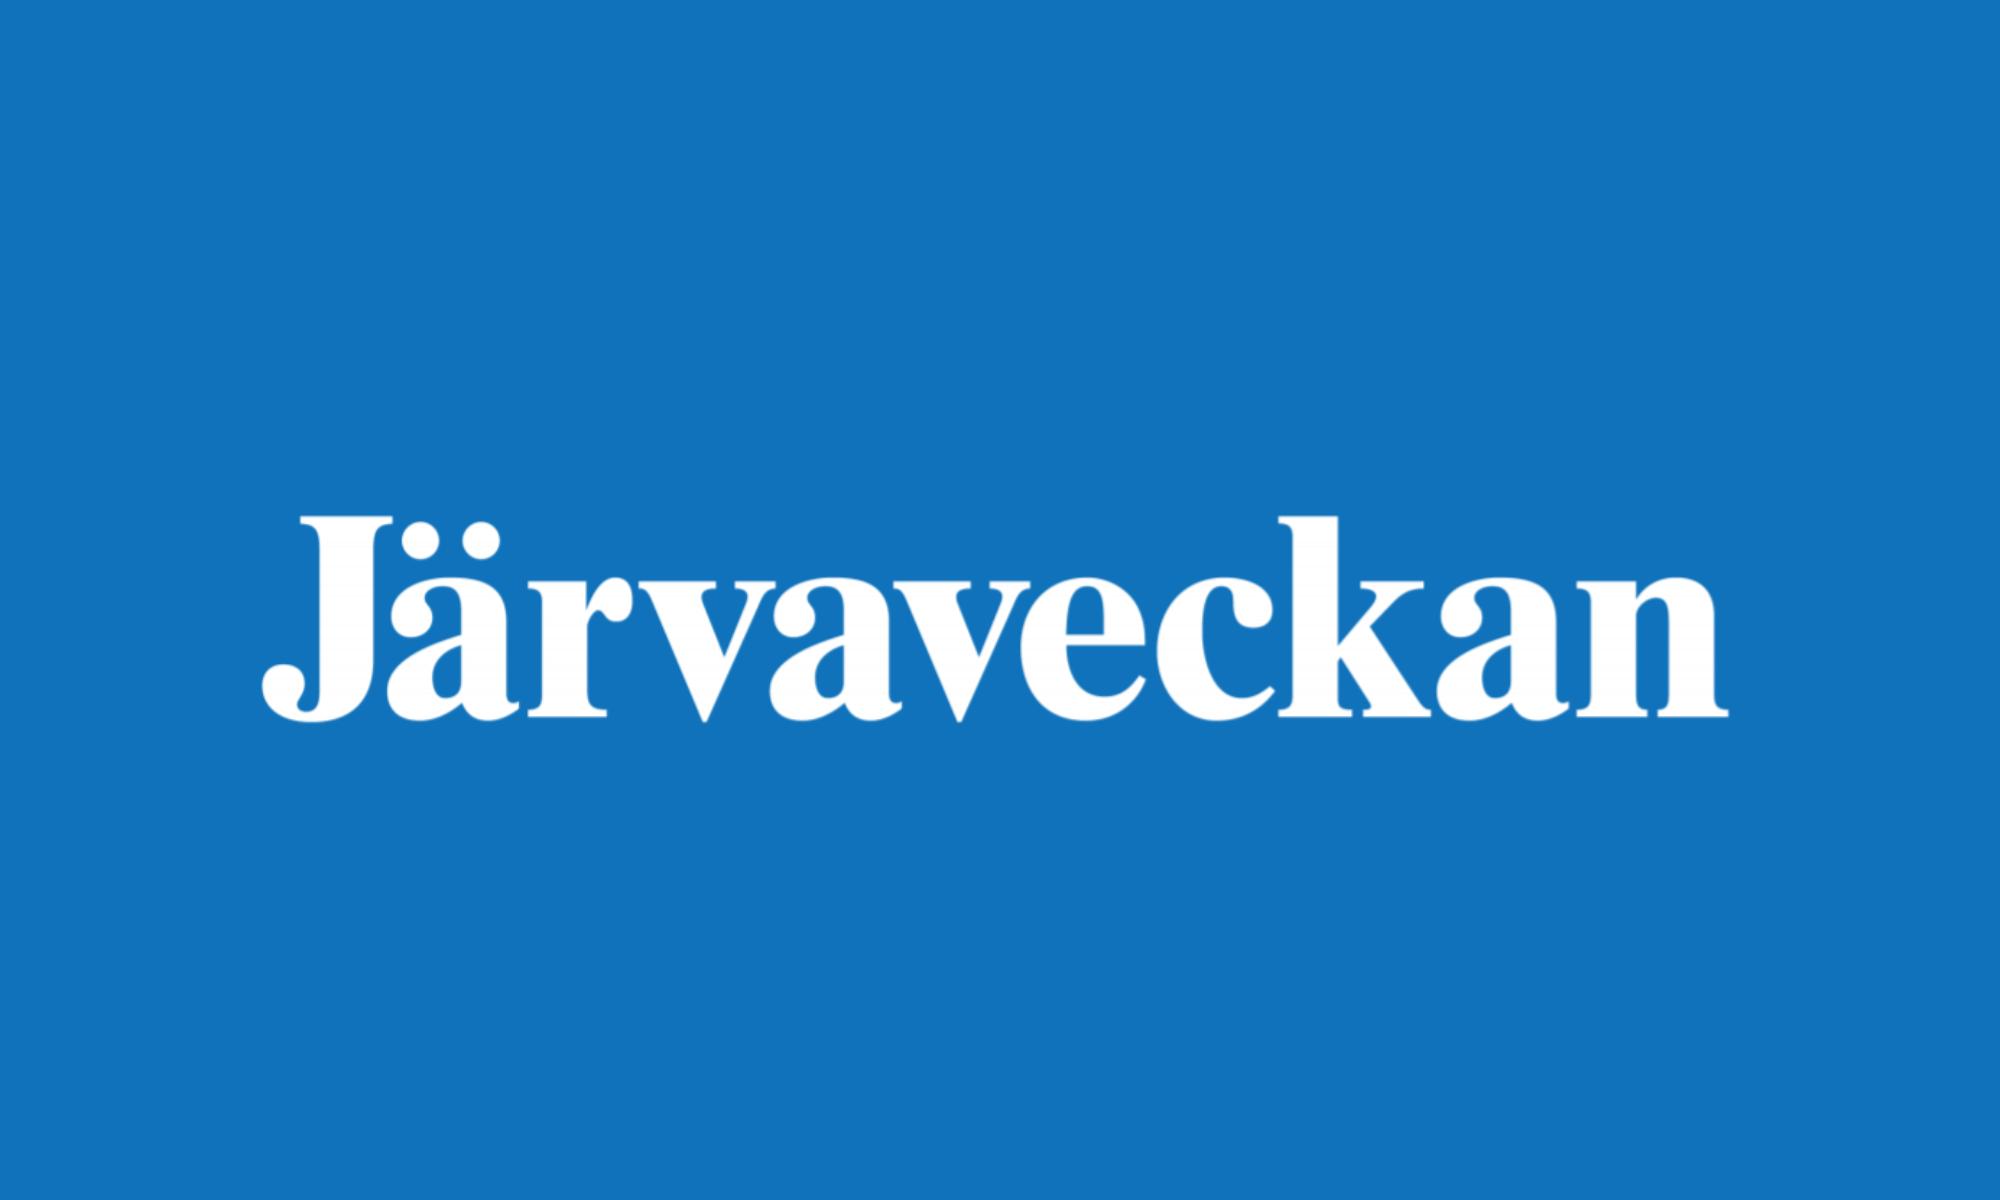 VÄLKOMMEN TILL JÄRVAVECKAN 2018